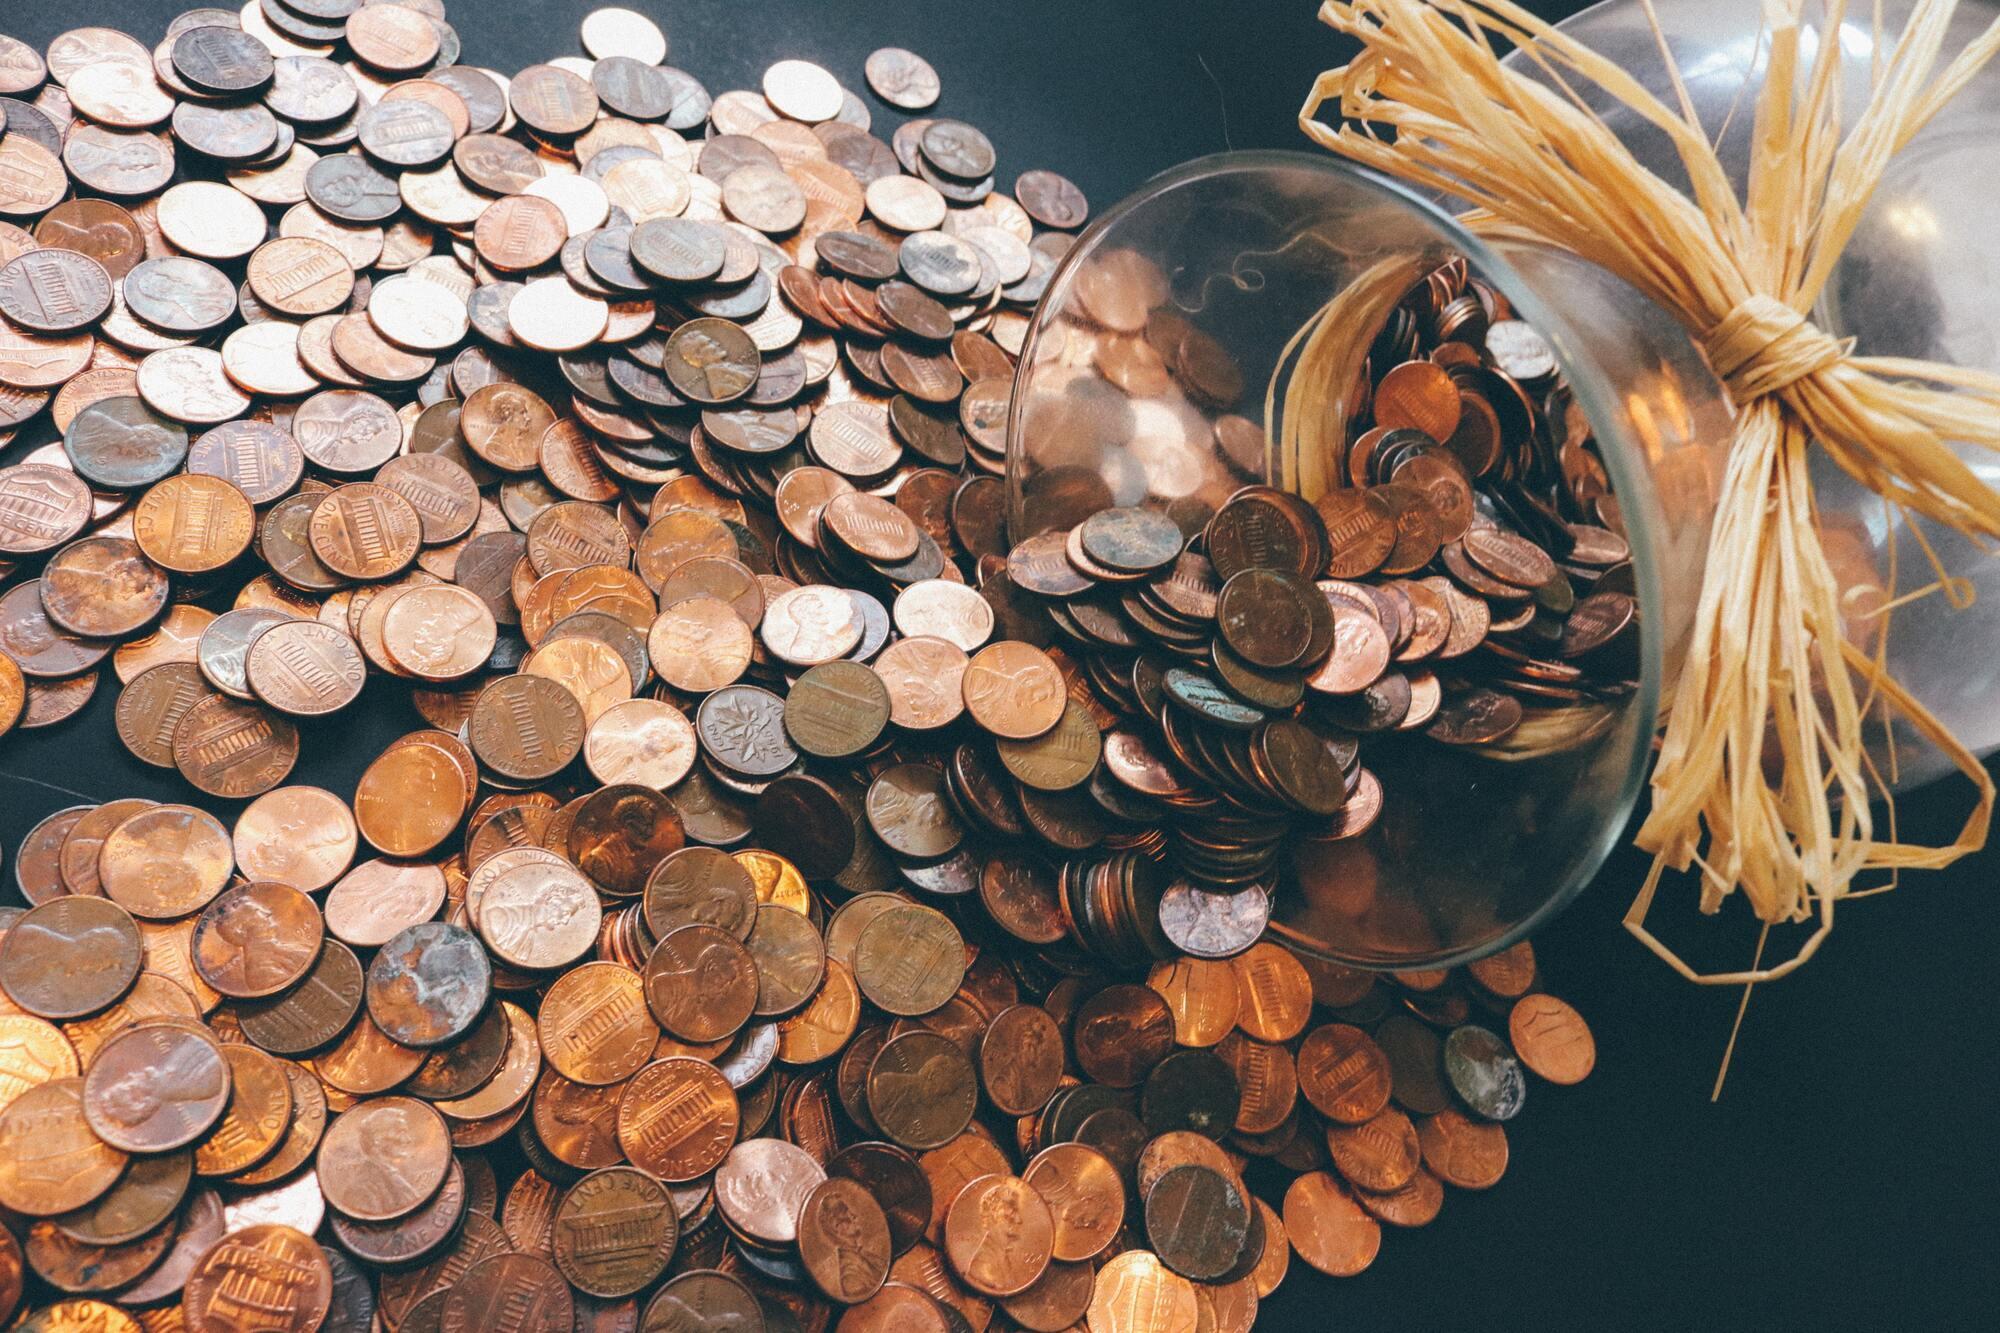 Залучити гроші в будинок допоможе монетка під килимком